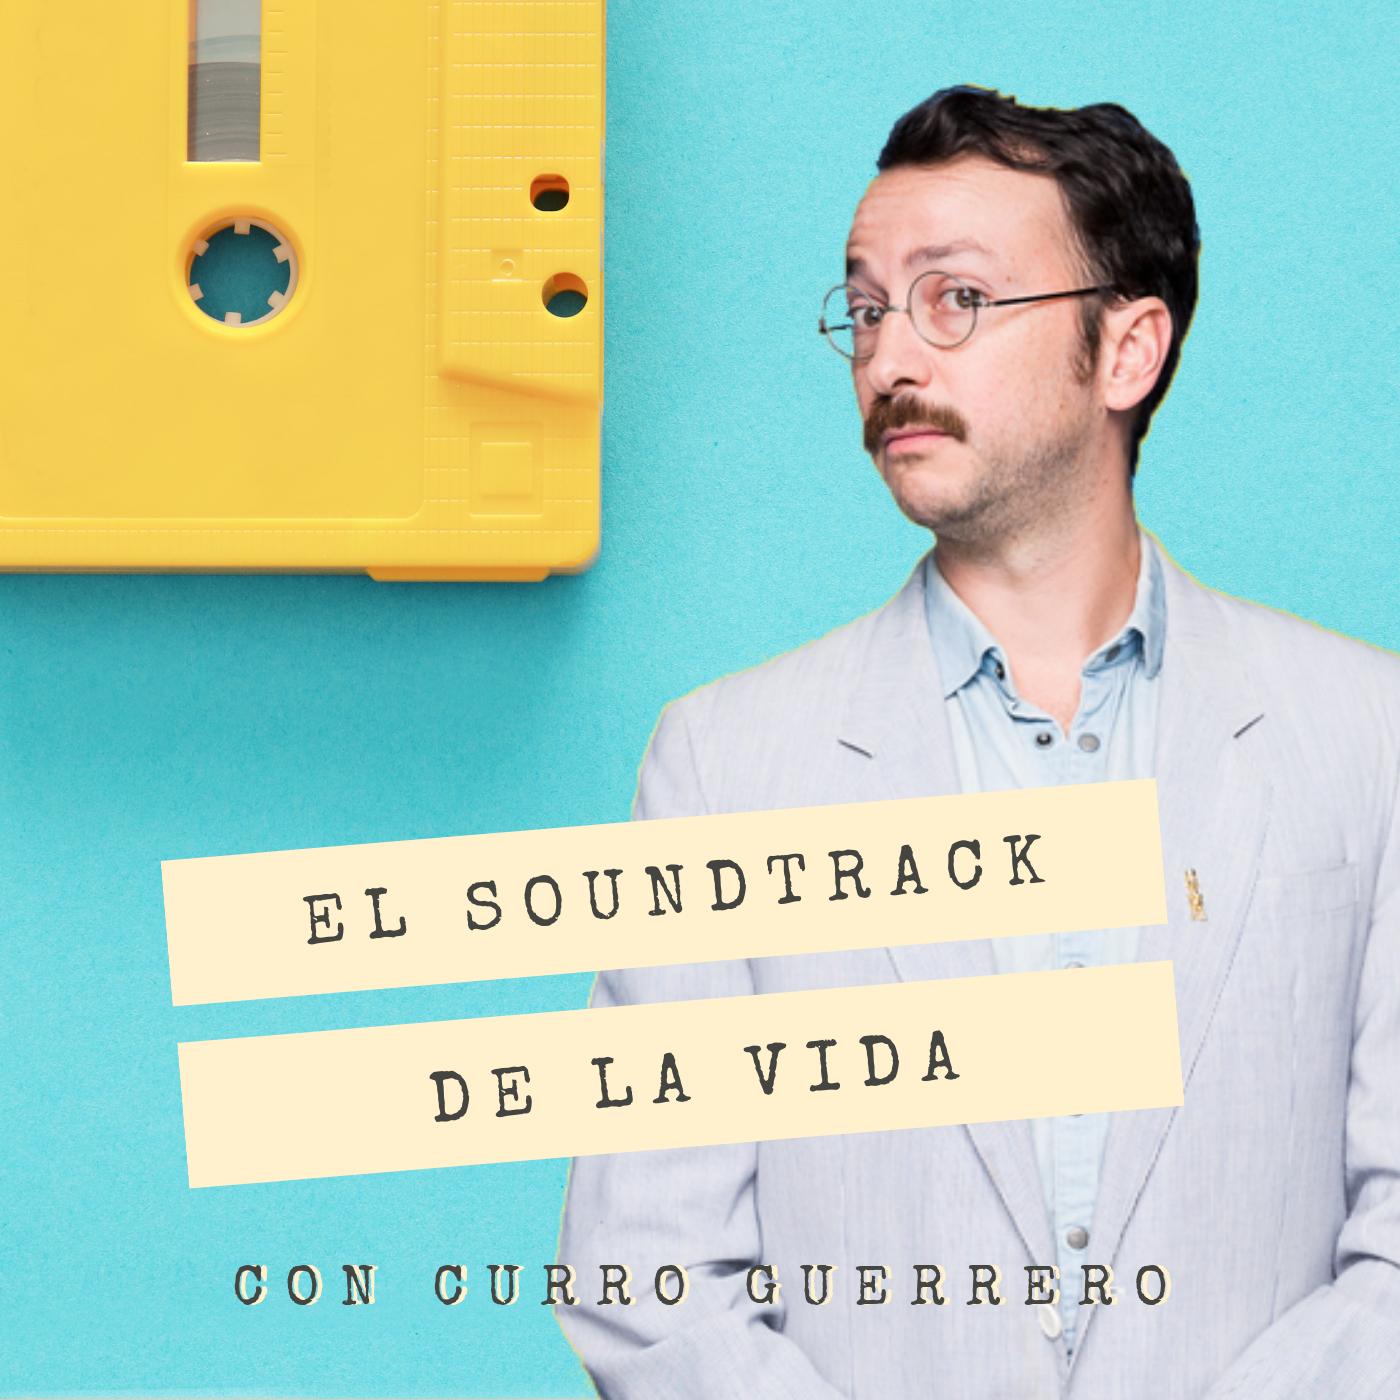 #SoundtrackdelaVida - Canciones de primer nivel para musicalizar los mejores momentos de tu vida.